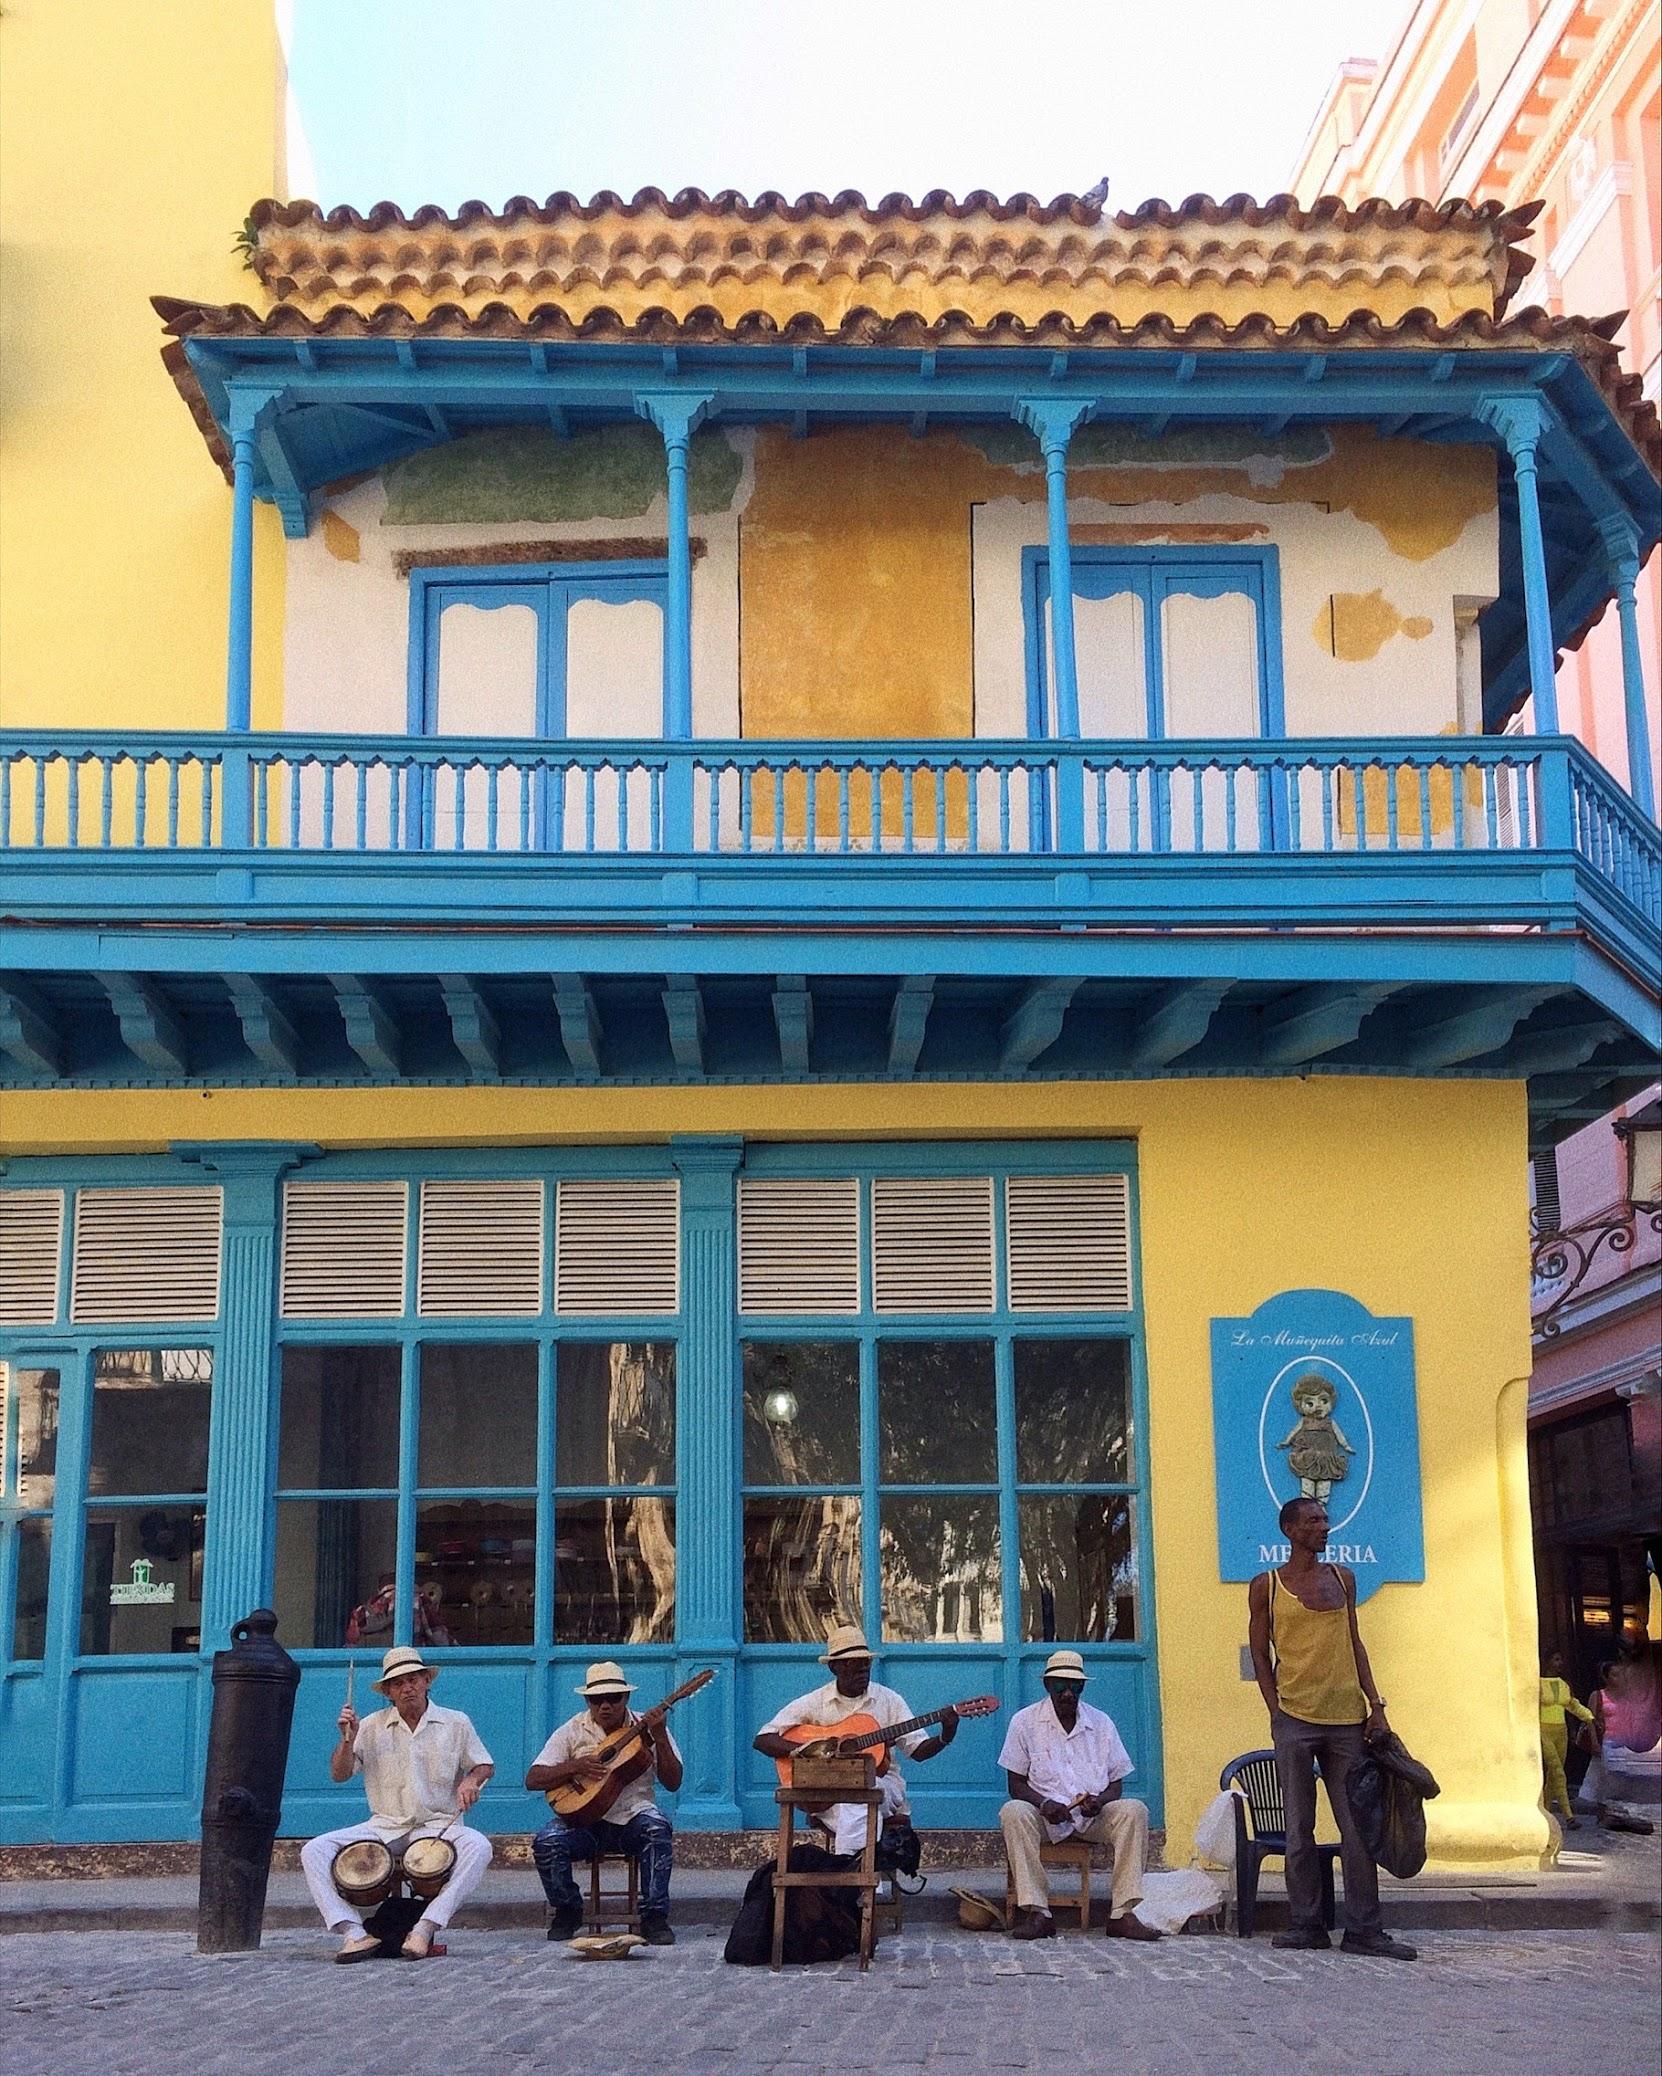 Street musicians in Old Havana.